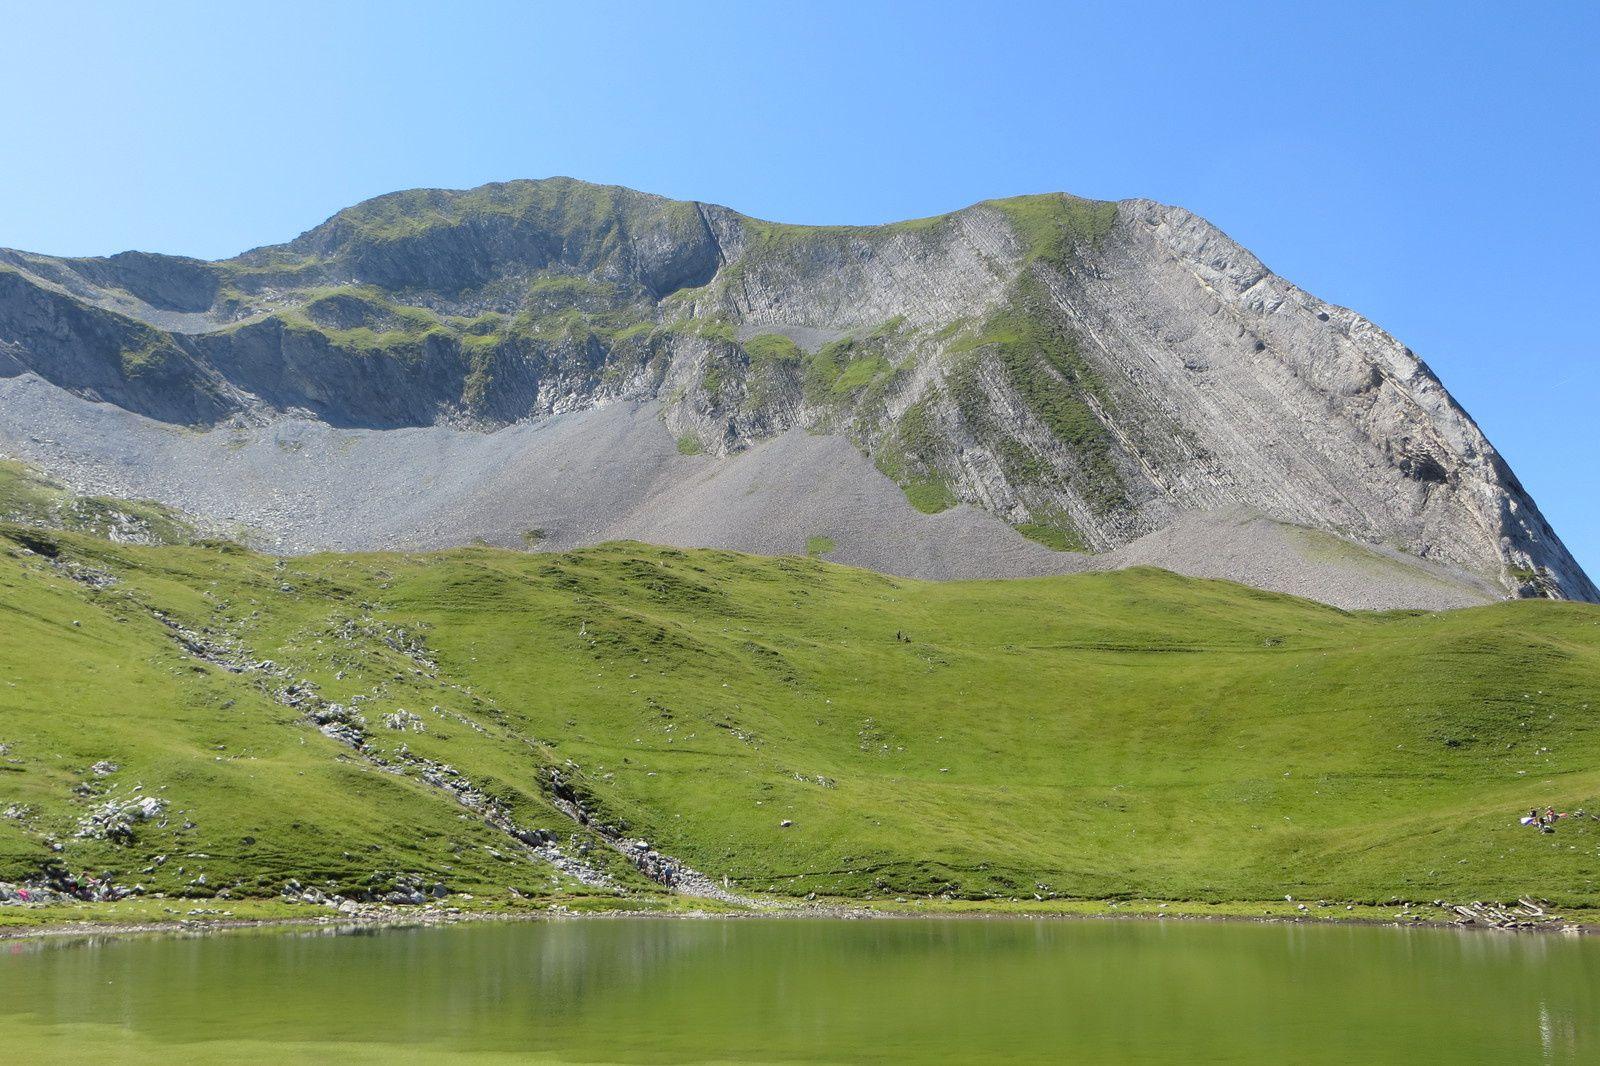 Le lac au pied du Mont Charvin